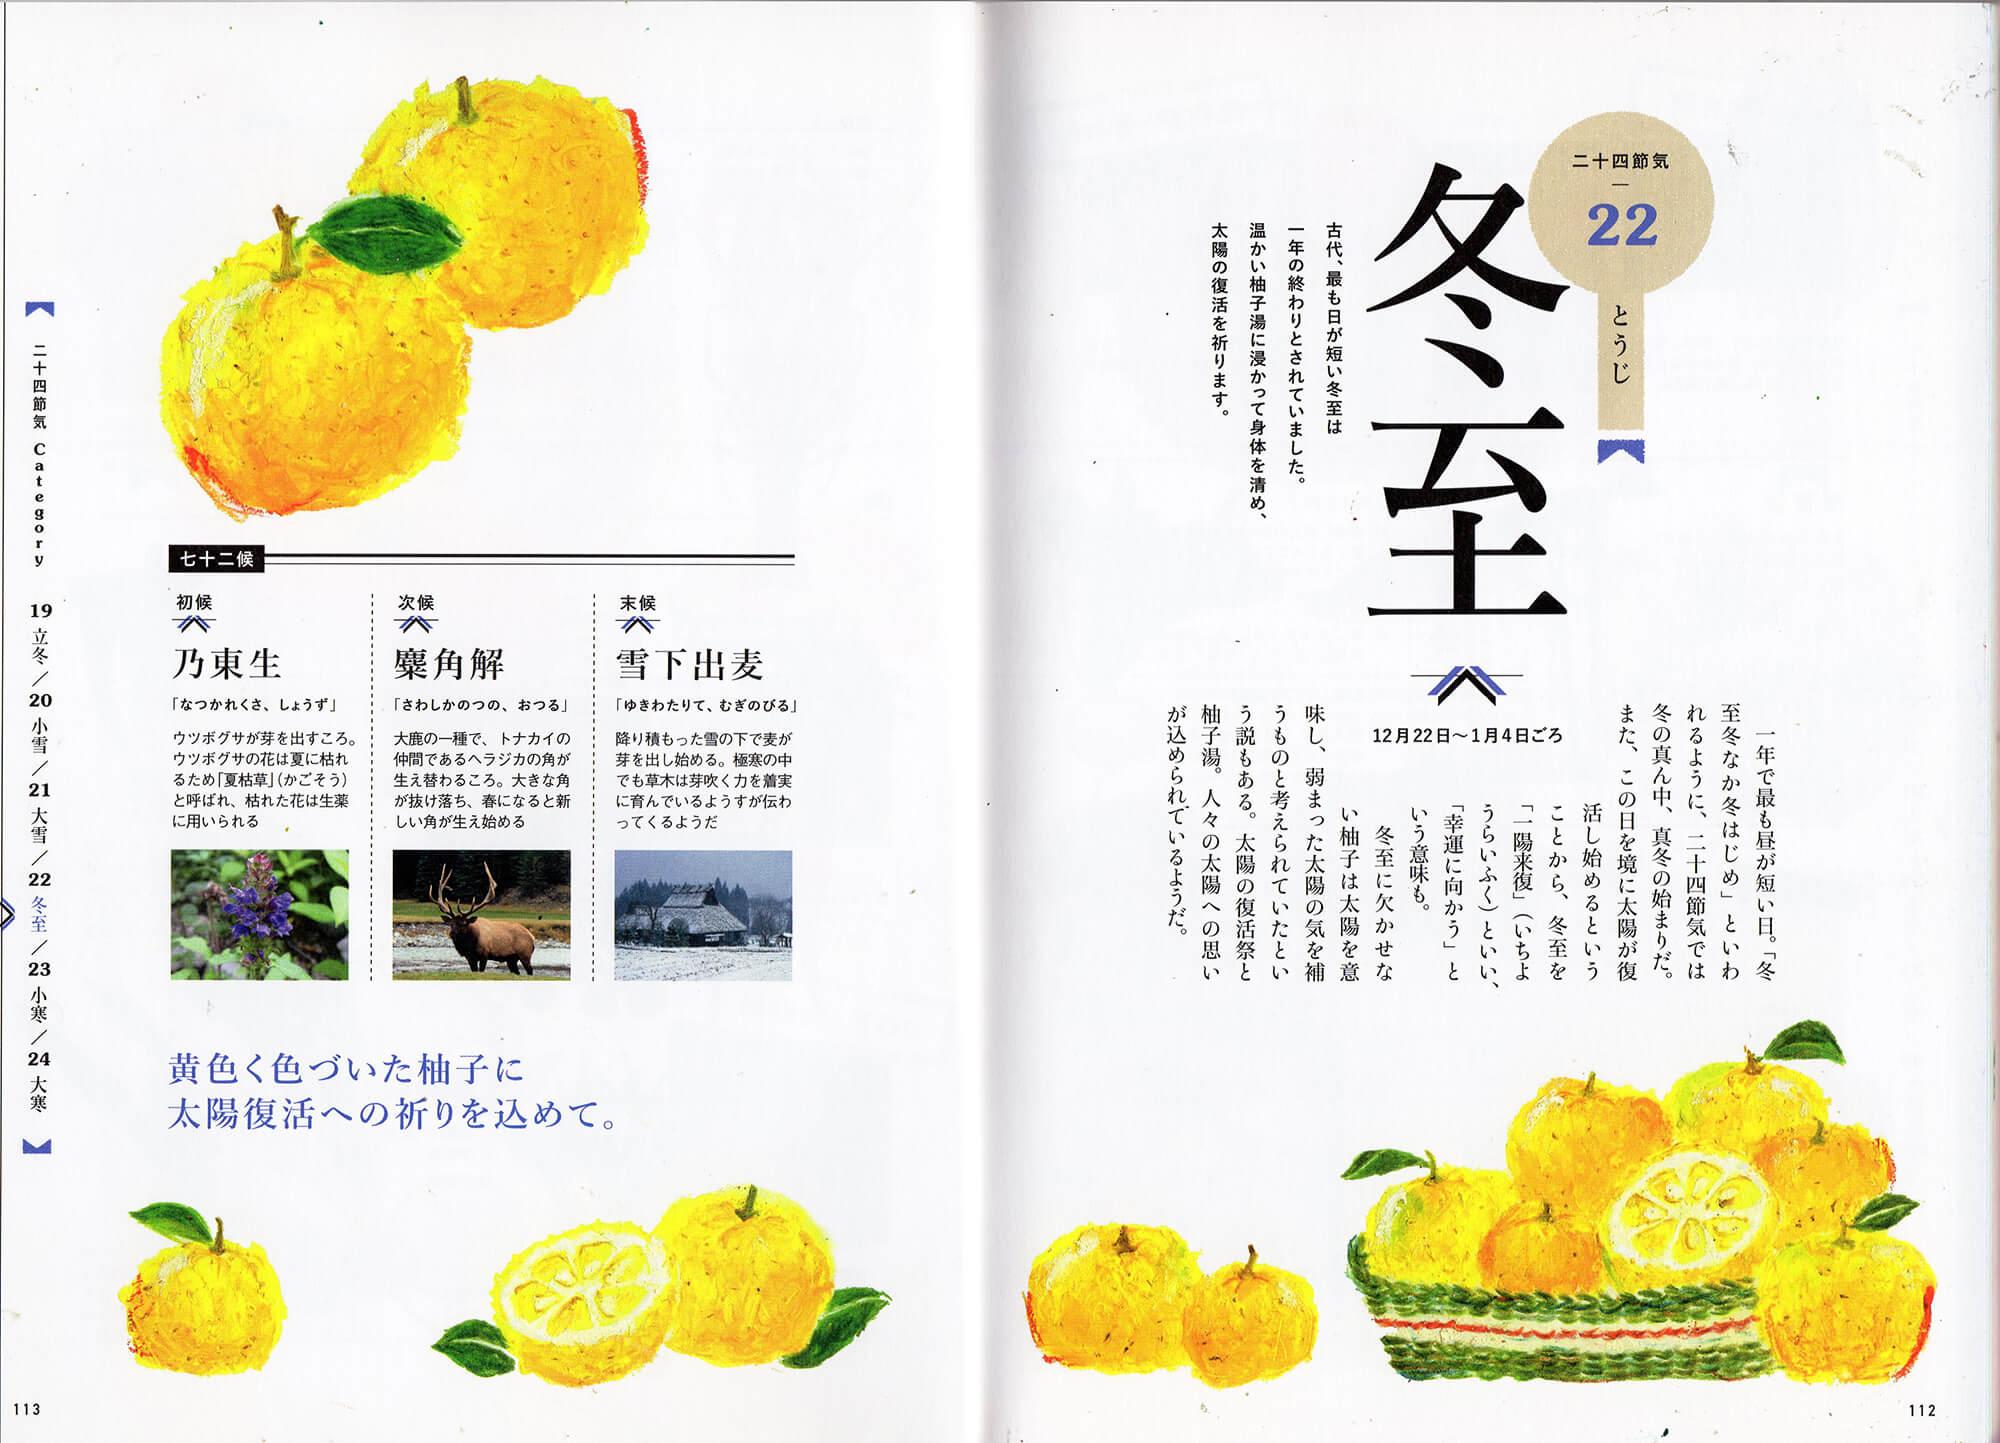 「にっぽんの七十二候」挿絵 枻出版「冬至」